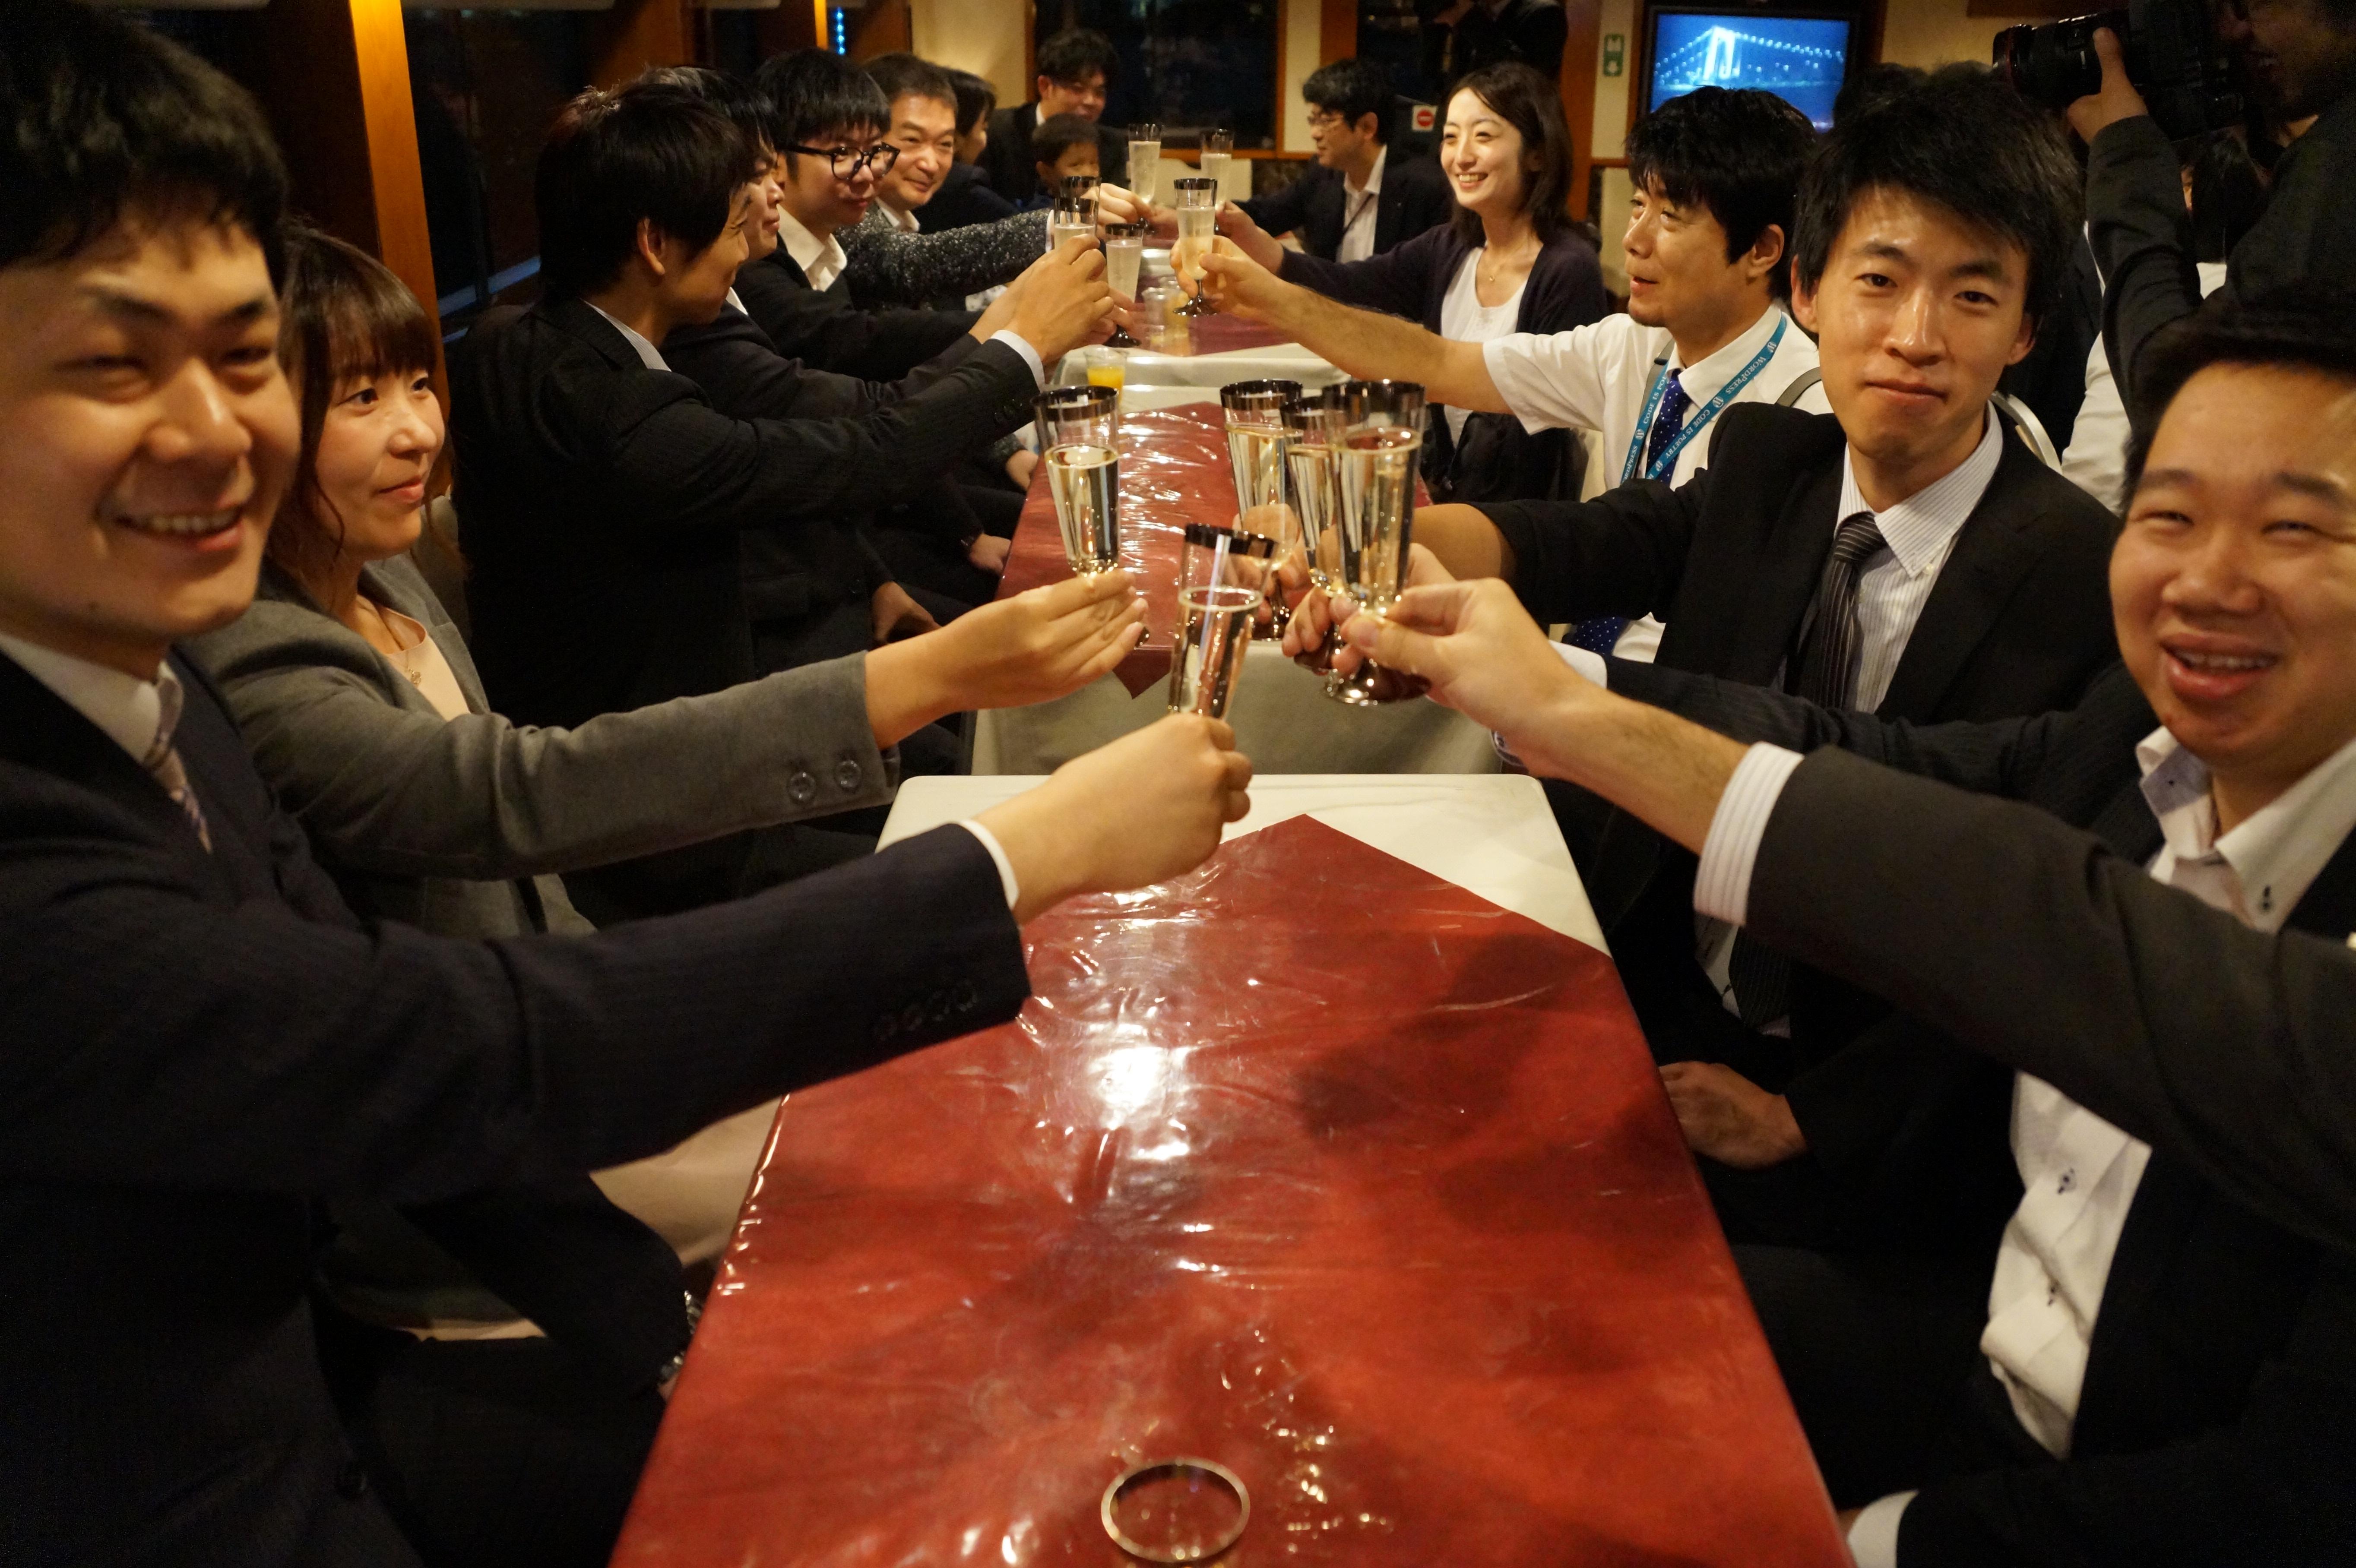 会社の飲み会で乾杯している風景